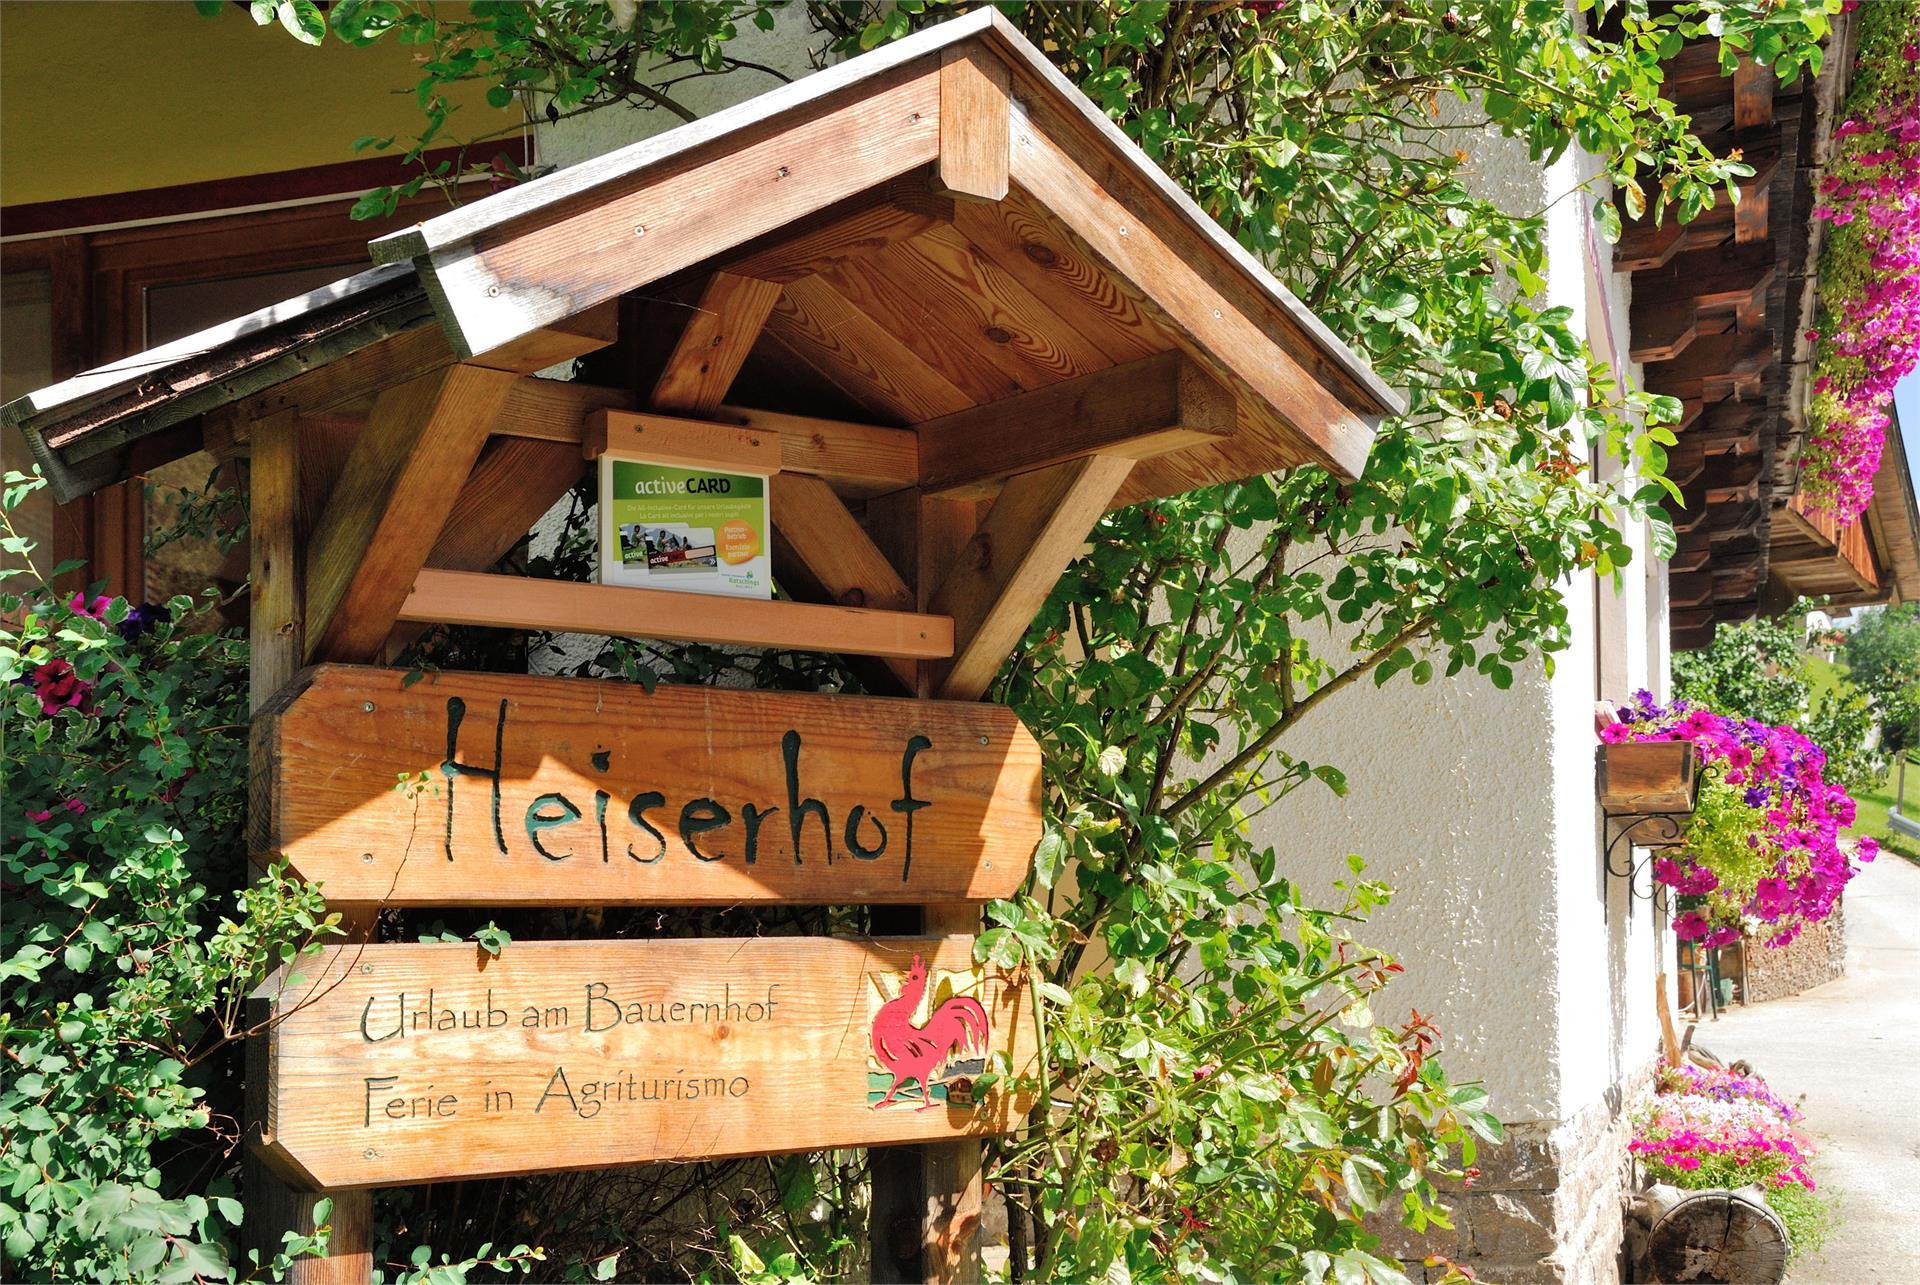 Heiserhof